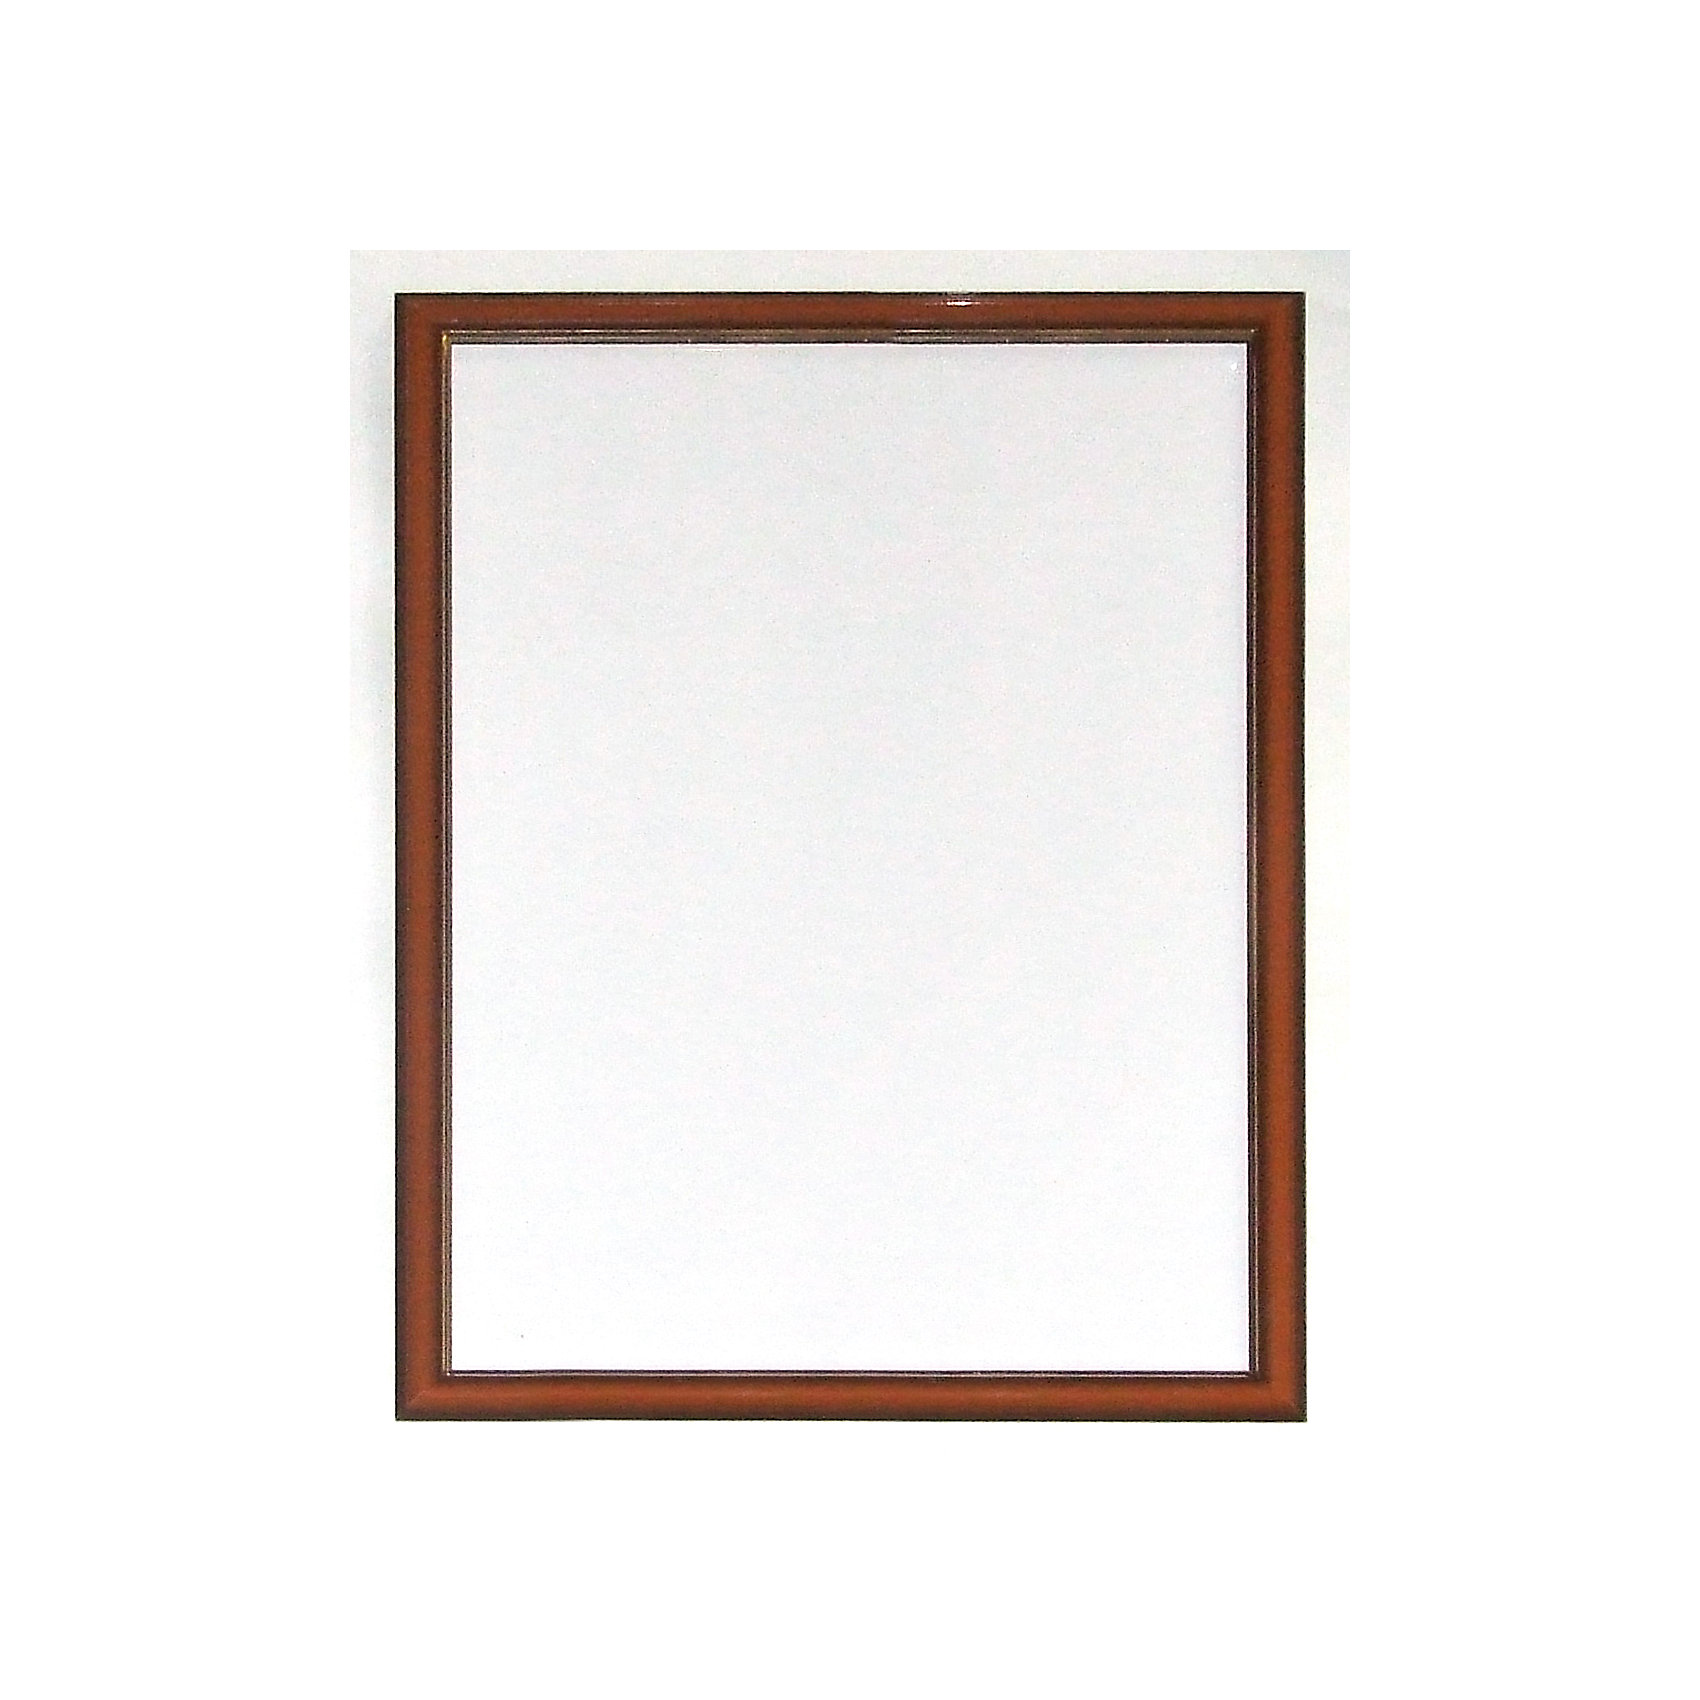 Рамка для пазла 500 деталей, 33х47 см, коричневаяРамка для пазла 500 деталей, 33х47 см, коричневая позволяет закрепить собранную картину между подложкой и пластиком, т.е. пазлы не требуется предварительно склеивать. Такой подарок придется по вкусу каждому любителю пазлов!<br><br>Дополнительная информация:<br>-Размер пазла: 33х47 см (500 деталей)<br>-Цвет рамы: коричневый, золотистый<br>-Материалы: пластик<br>-Ширина профиля: 2 см<br><br>Рамку для пазла 500 деталей, 33х47 см, коричневая можно купить в нашем магазине.<br><br>Ширина мм: 330<br>Глубина мм: 470<br>Высота мм: 20<br>Вес г: 300<br>Возраст от месяцев: 72<br>Возраст до месяцев: 192<br>Пол: Унисекс<br>Возраст: Детский<br>SKU: 4244035